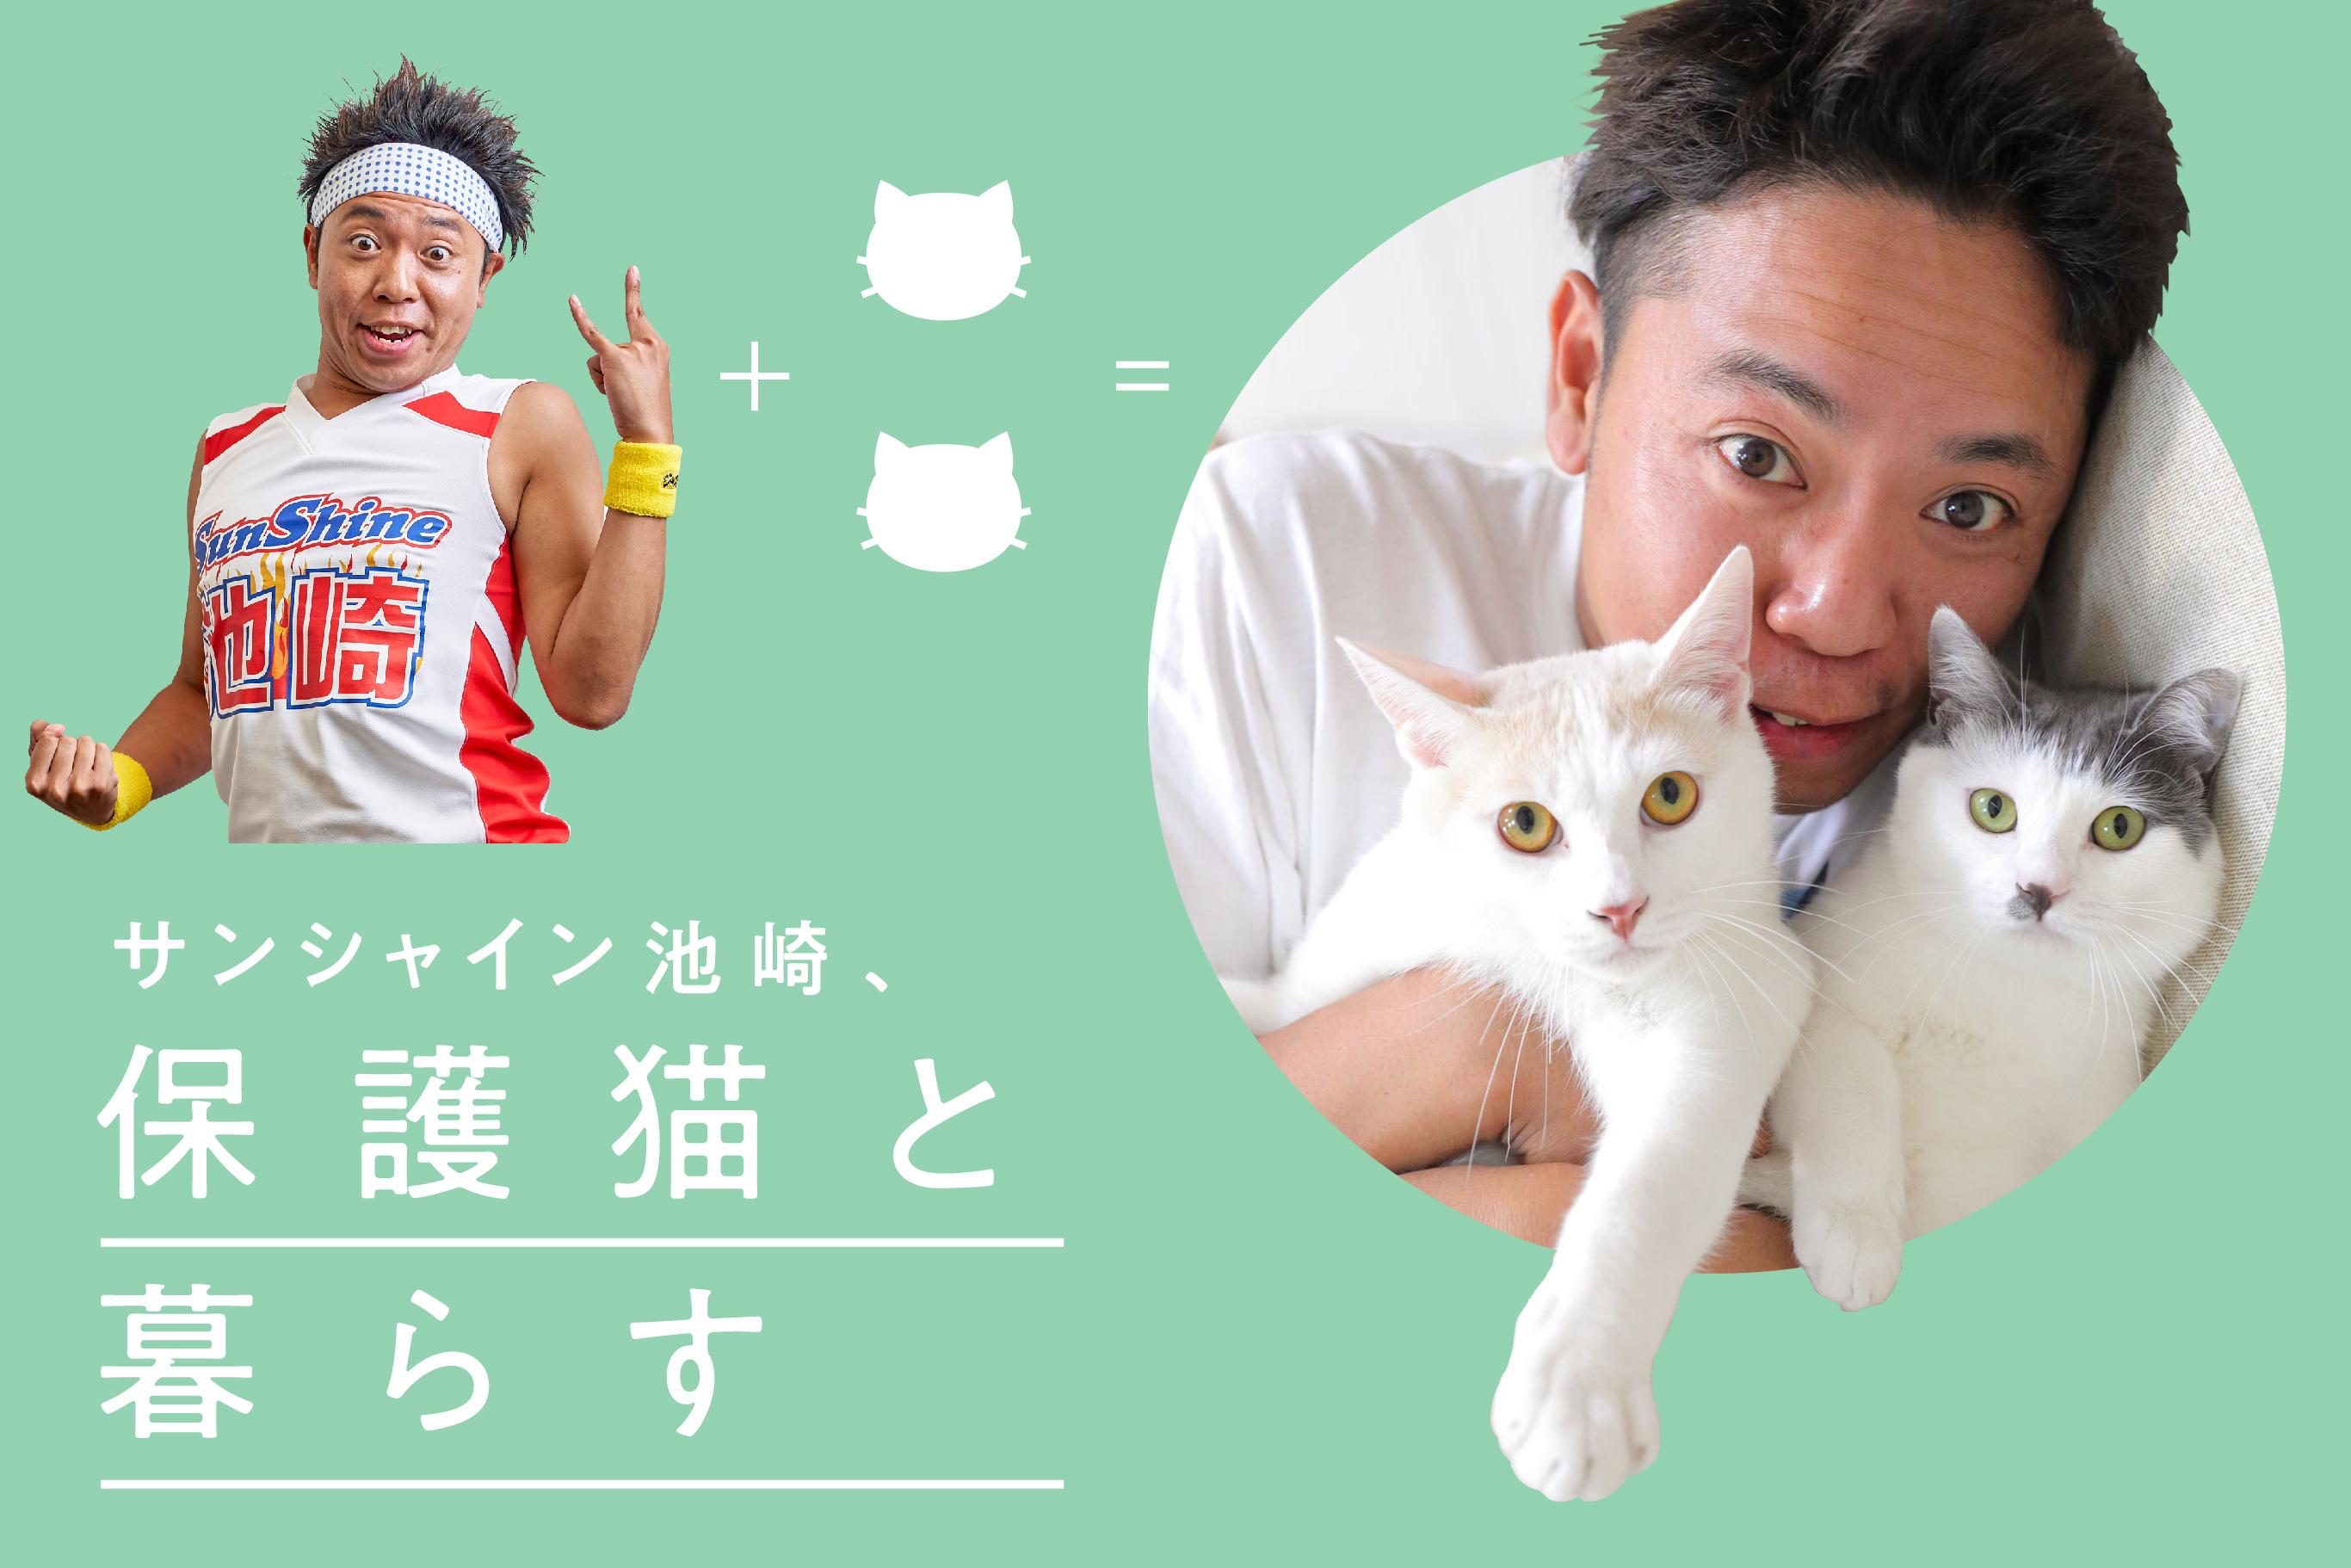 「芸風が違う」とか気にしない。サンシャイン池崎、「保護猫」愛を語る